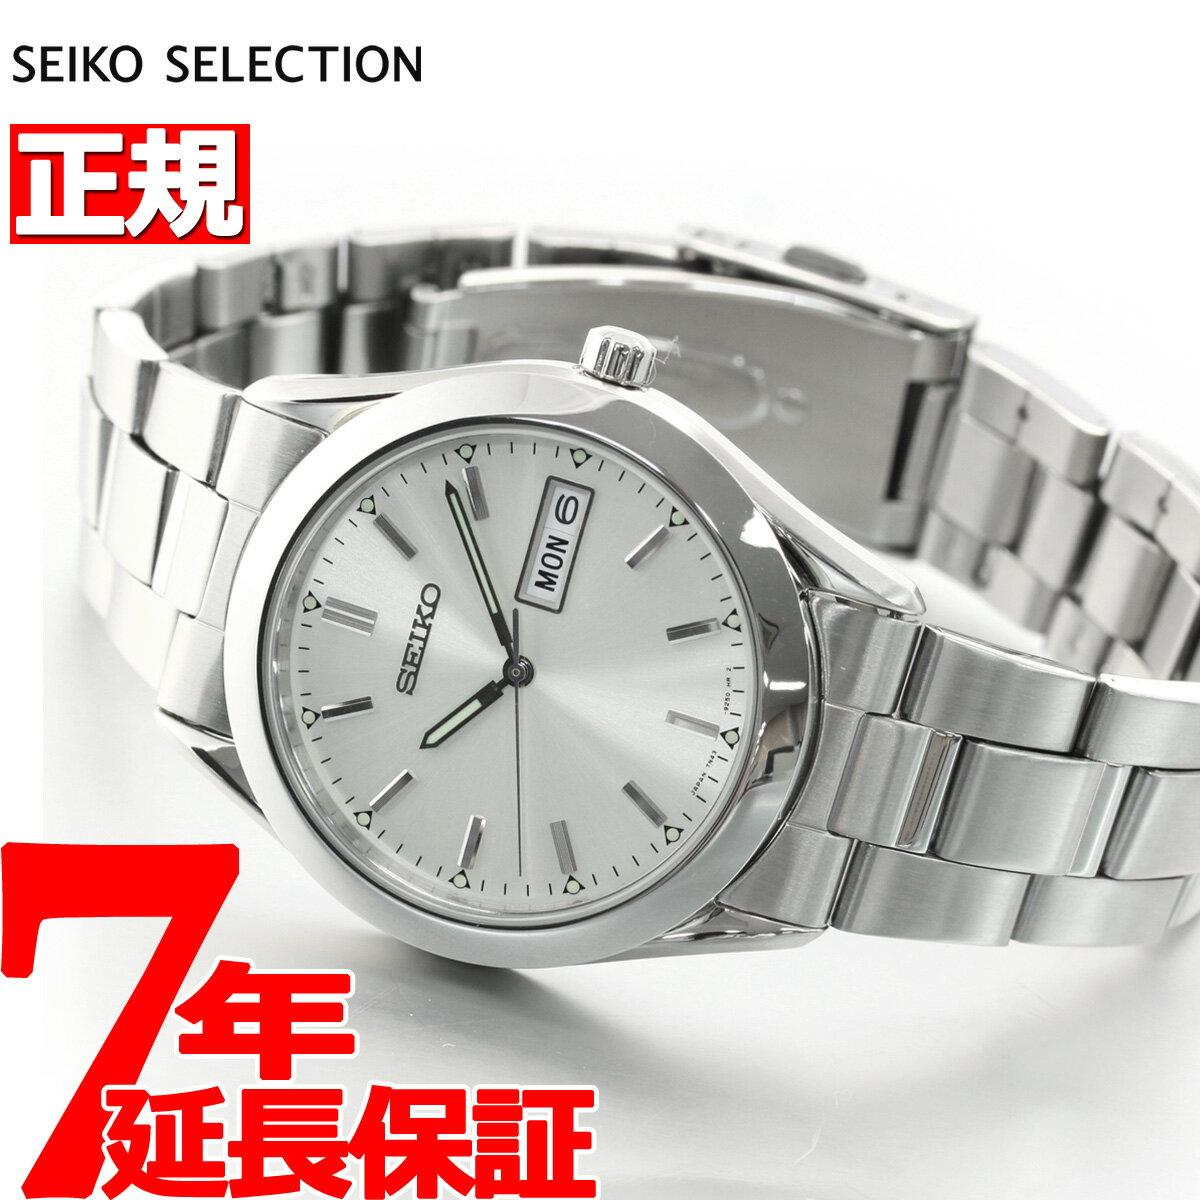 腕時計, メンズ腕時計 502000OFF60.552359 SEIKO SPIRIT SCDC083